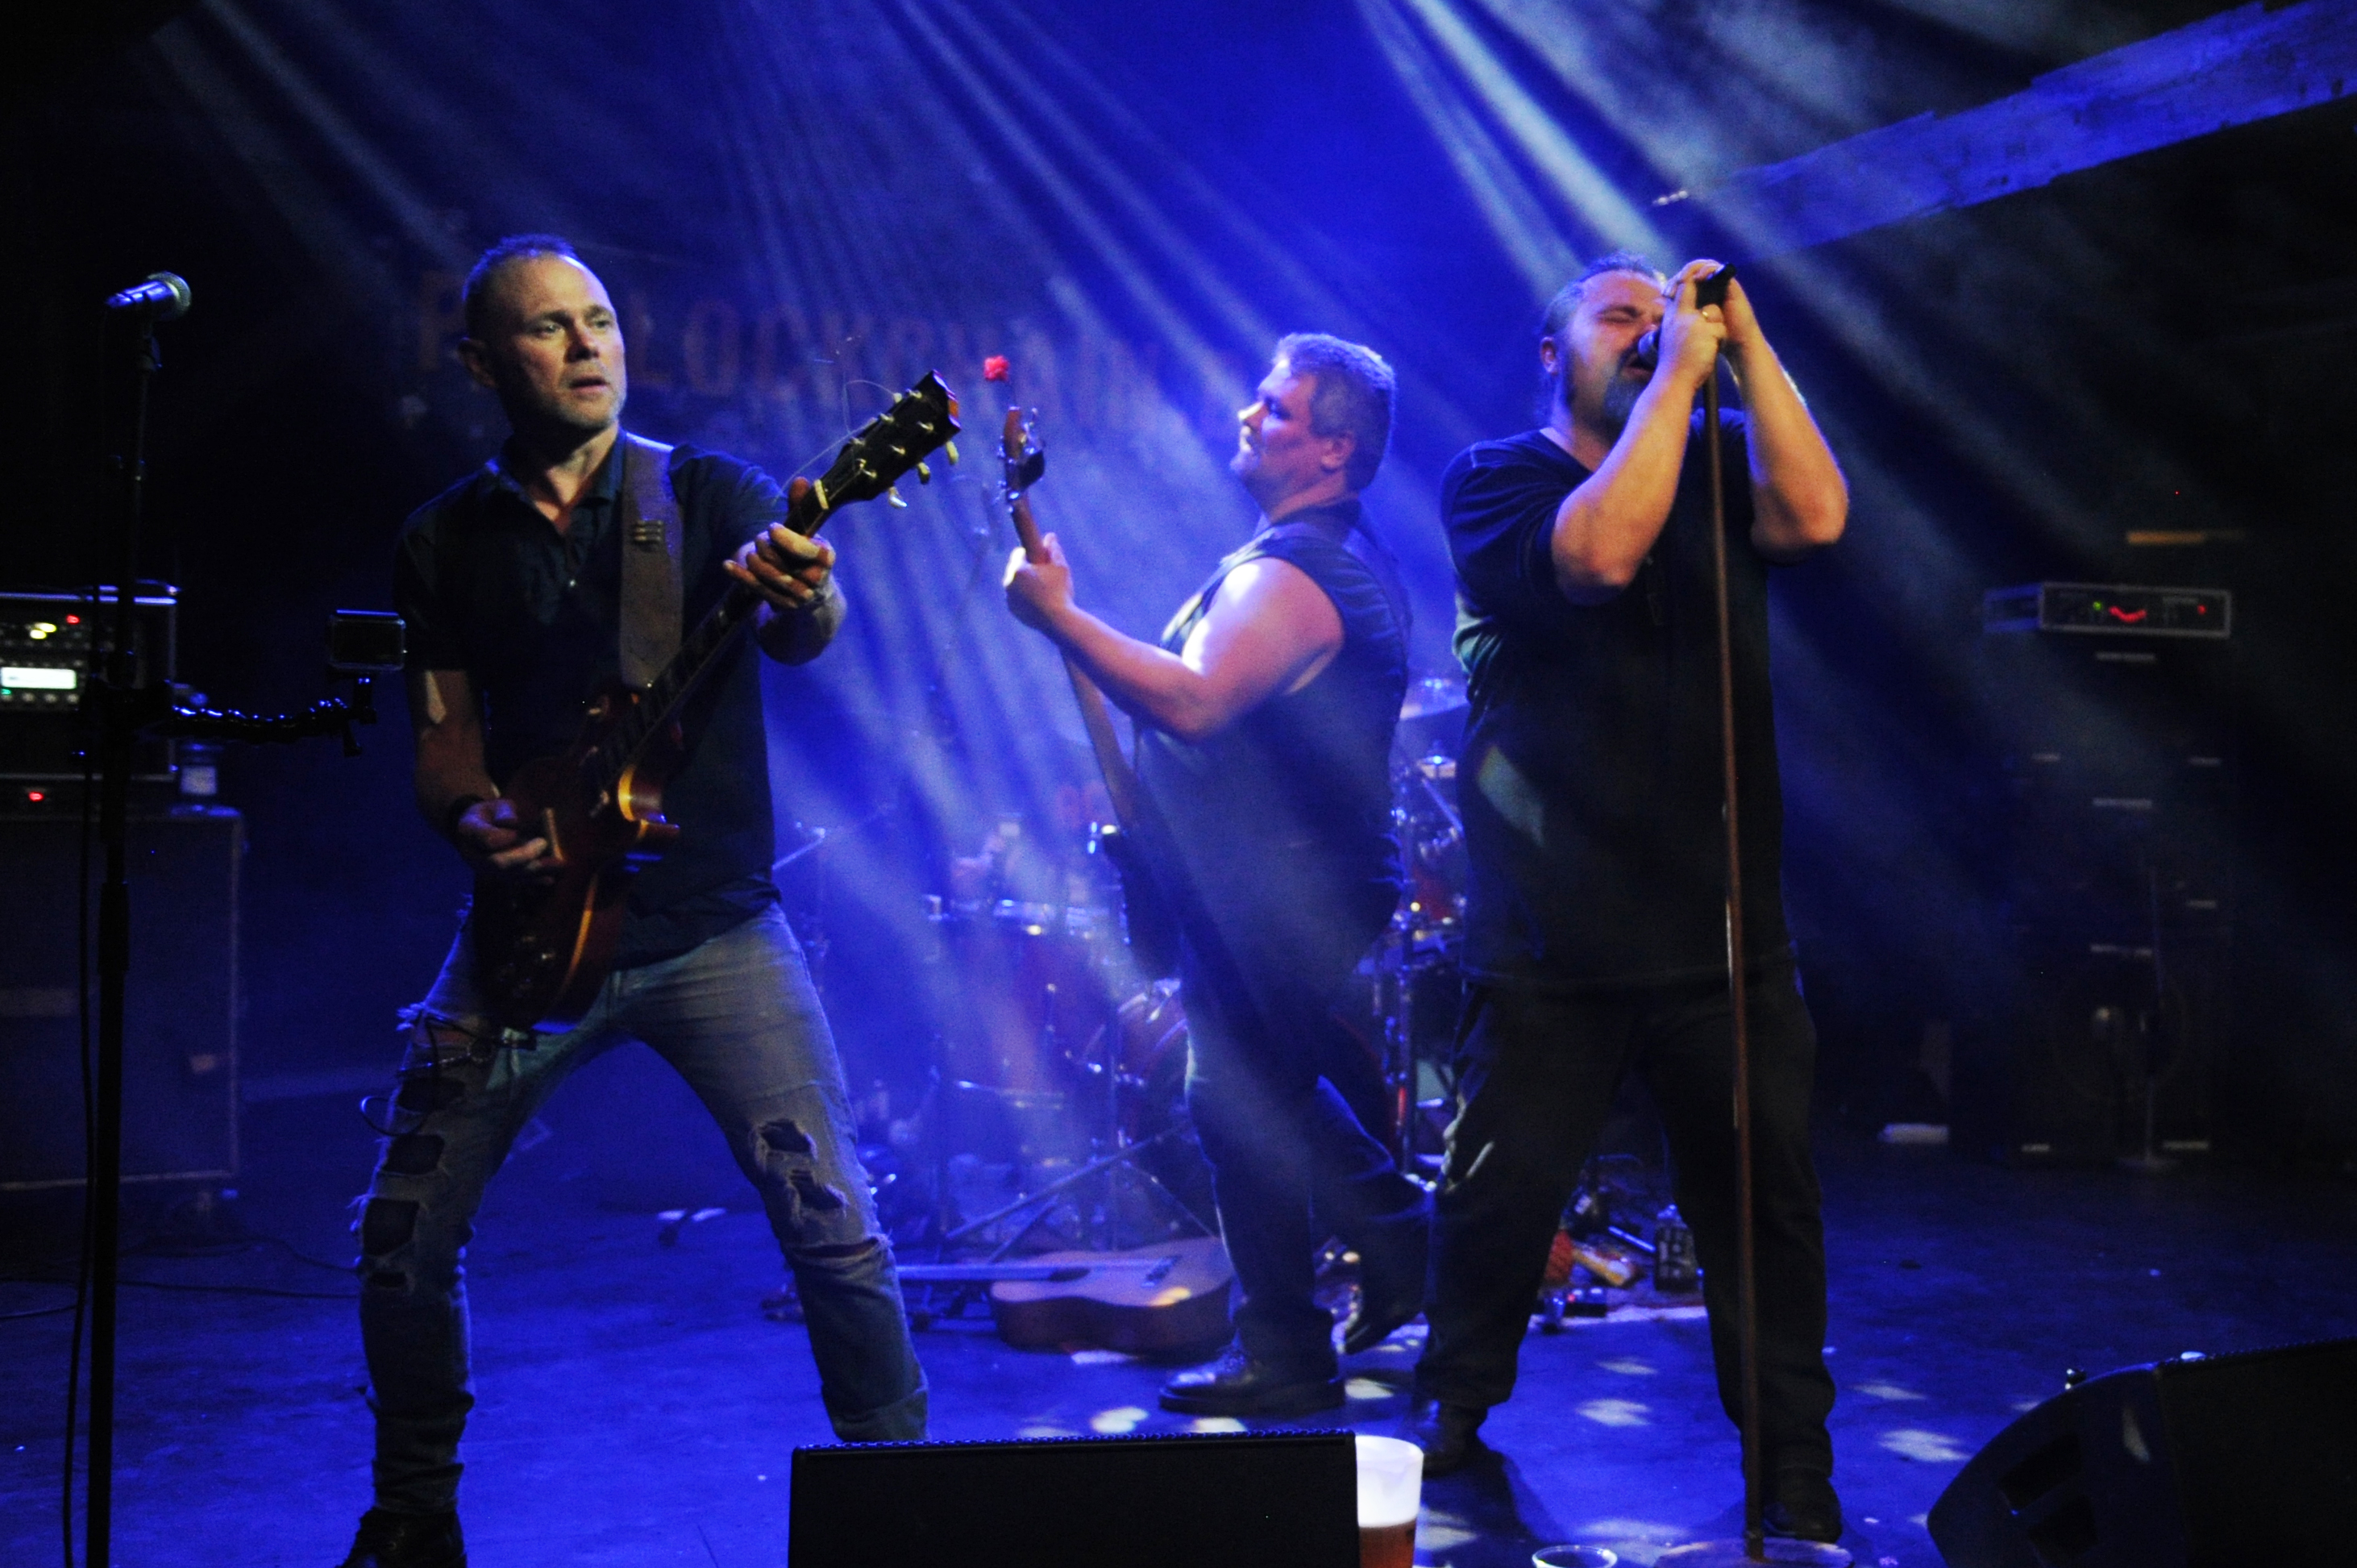 Fredericiansk skrammelrock- orkester åbner Jellingfestival 2018